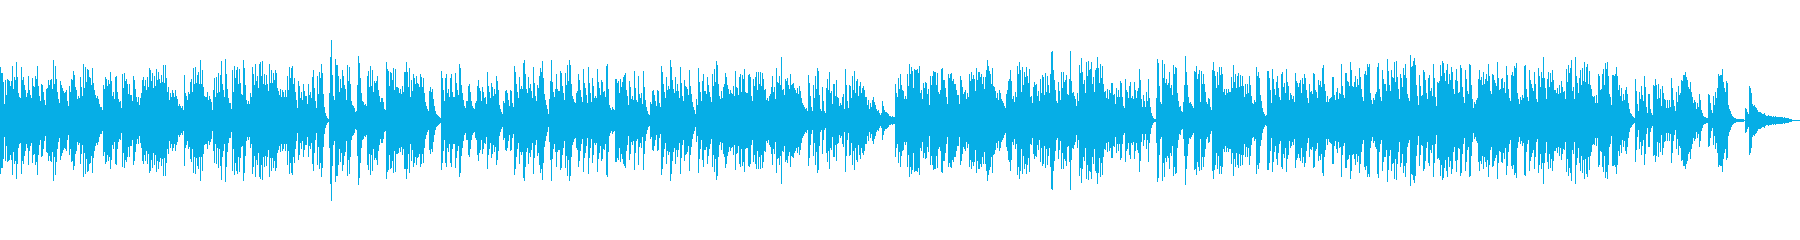 ピアノソロ切ない系バラードの再生済みの波形